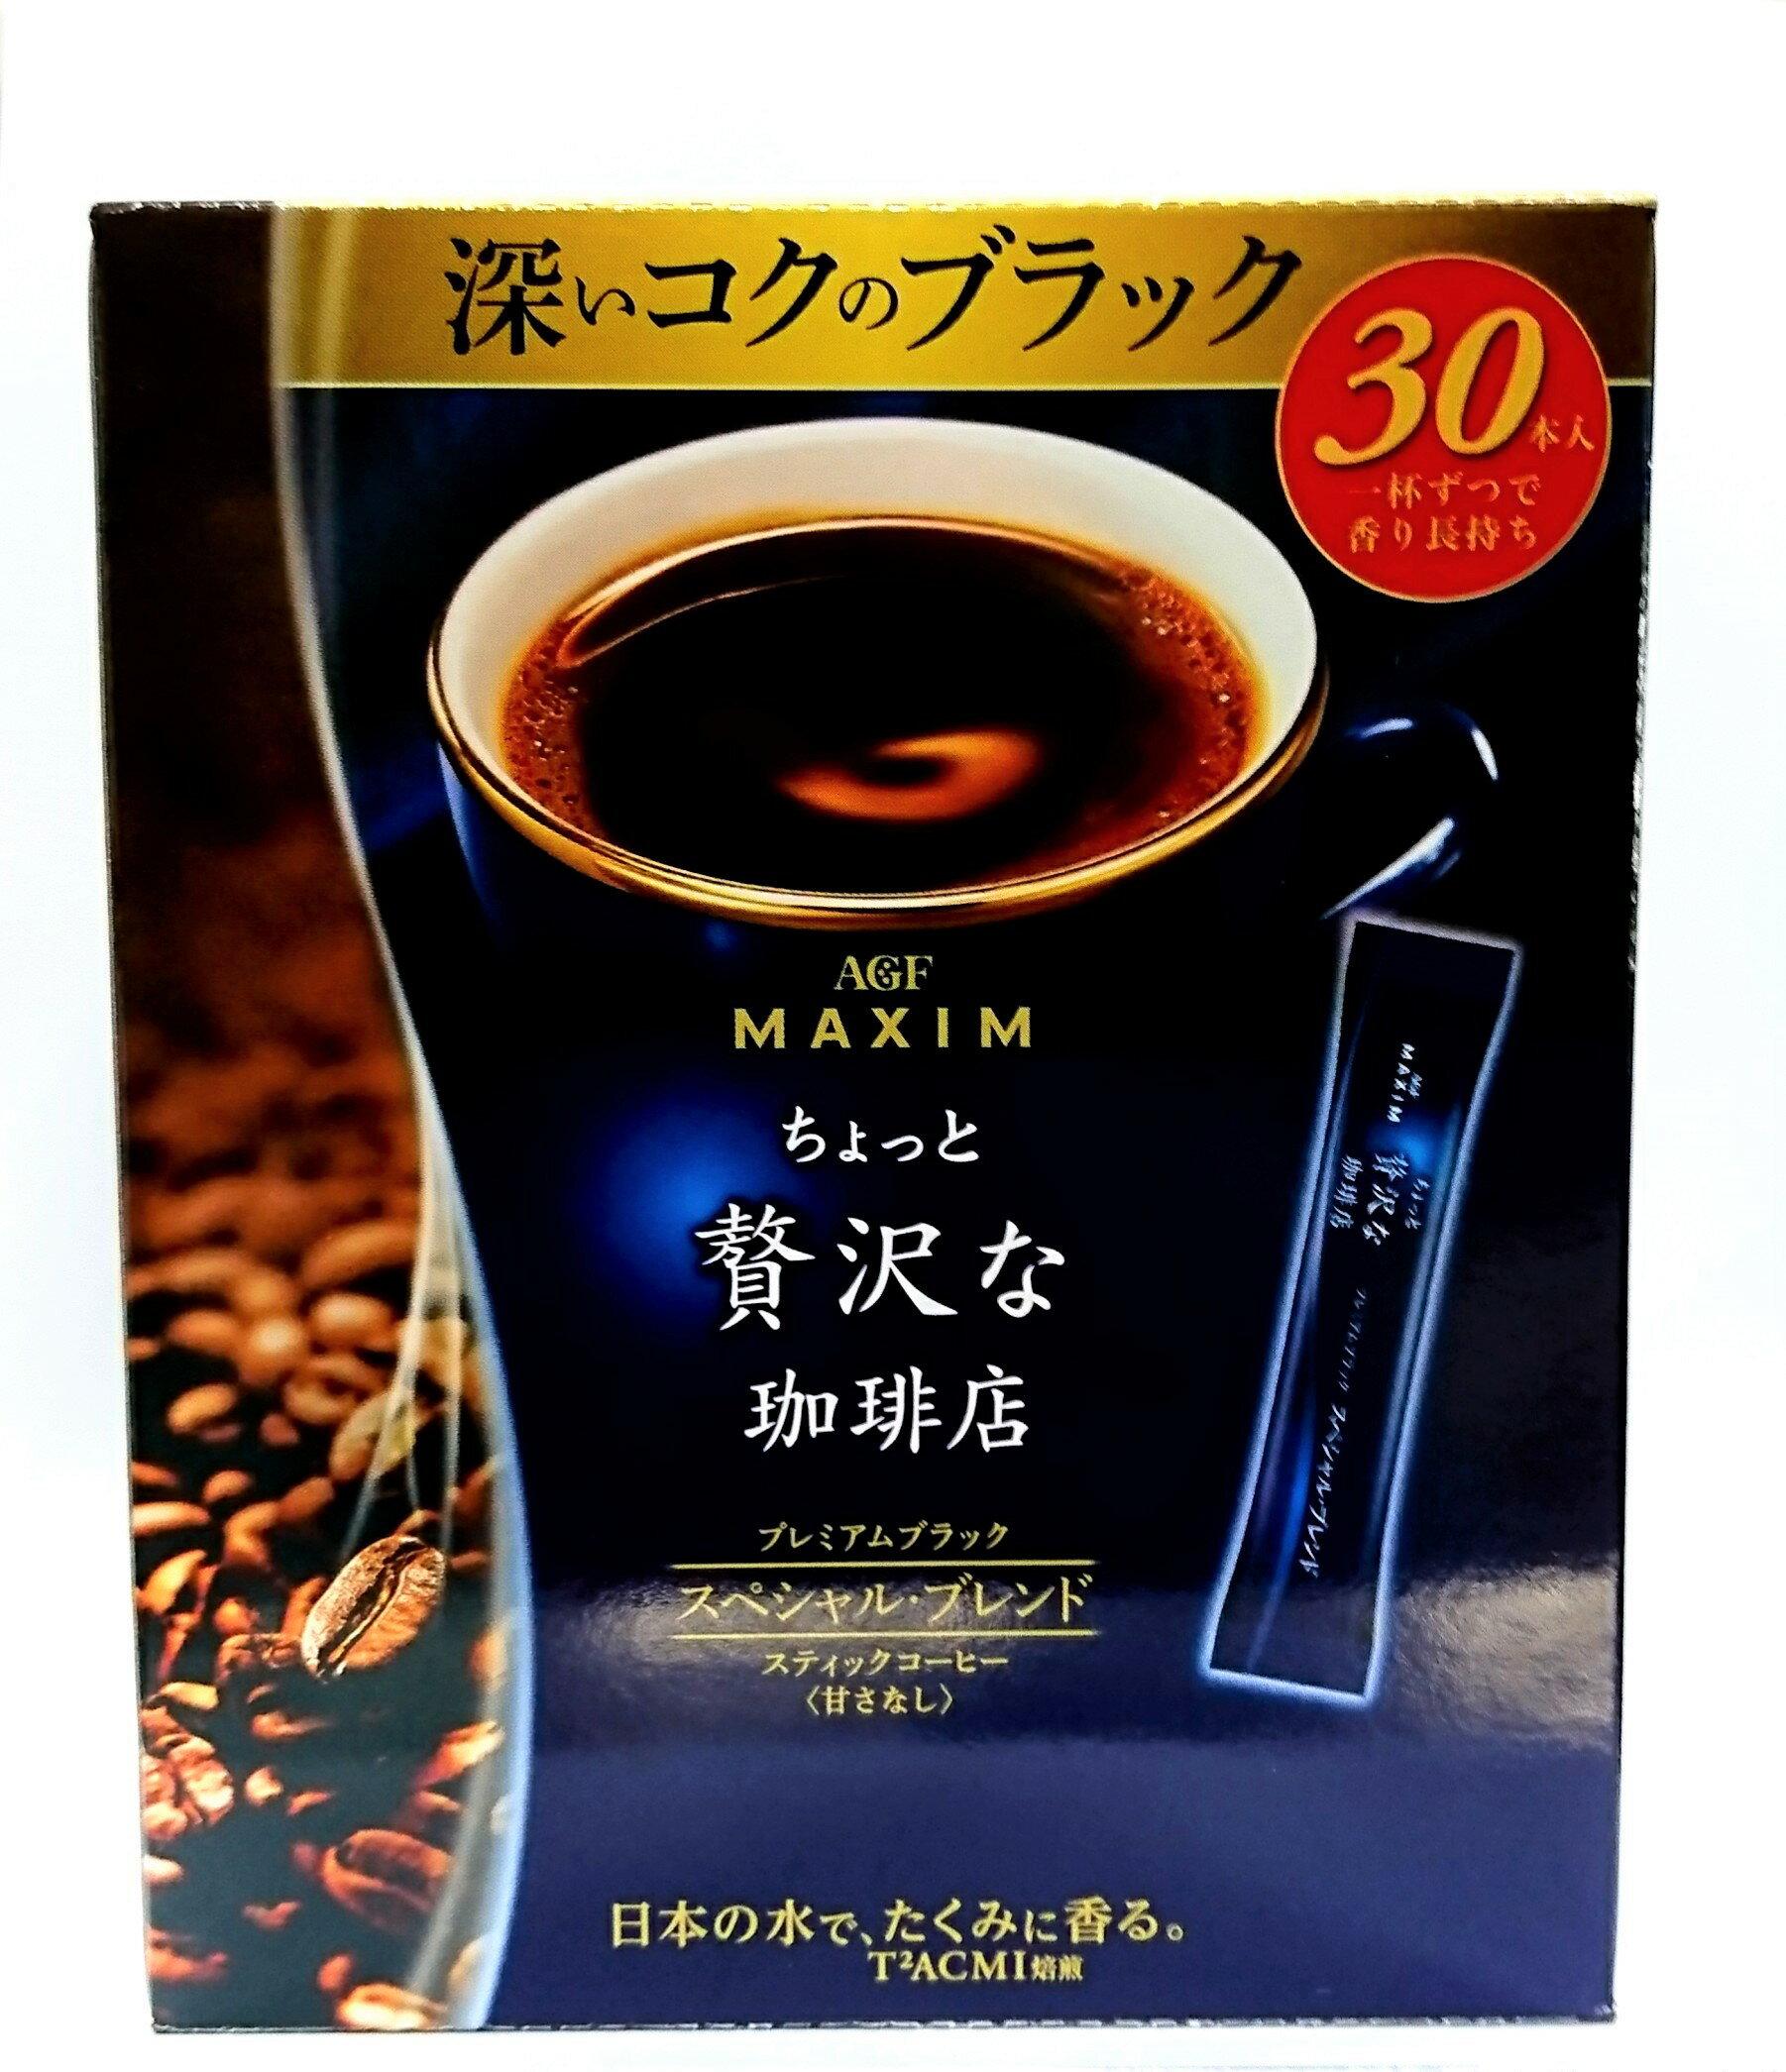 ~橘町五丁目~ AGF Maxim Stick 黑咖啡~30本入 ~60g